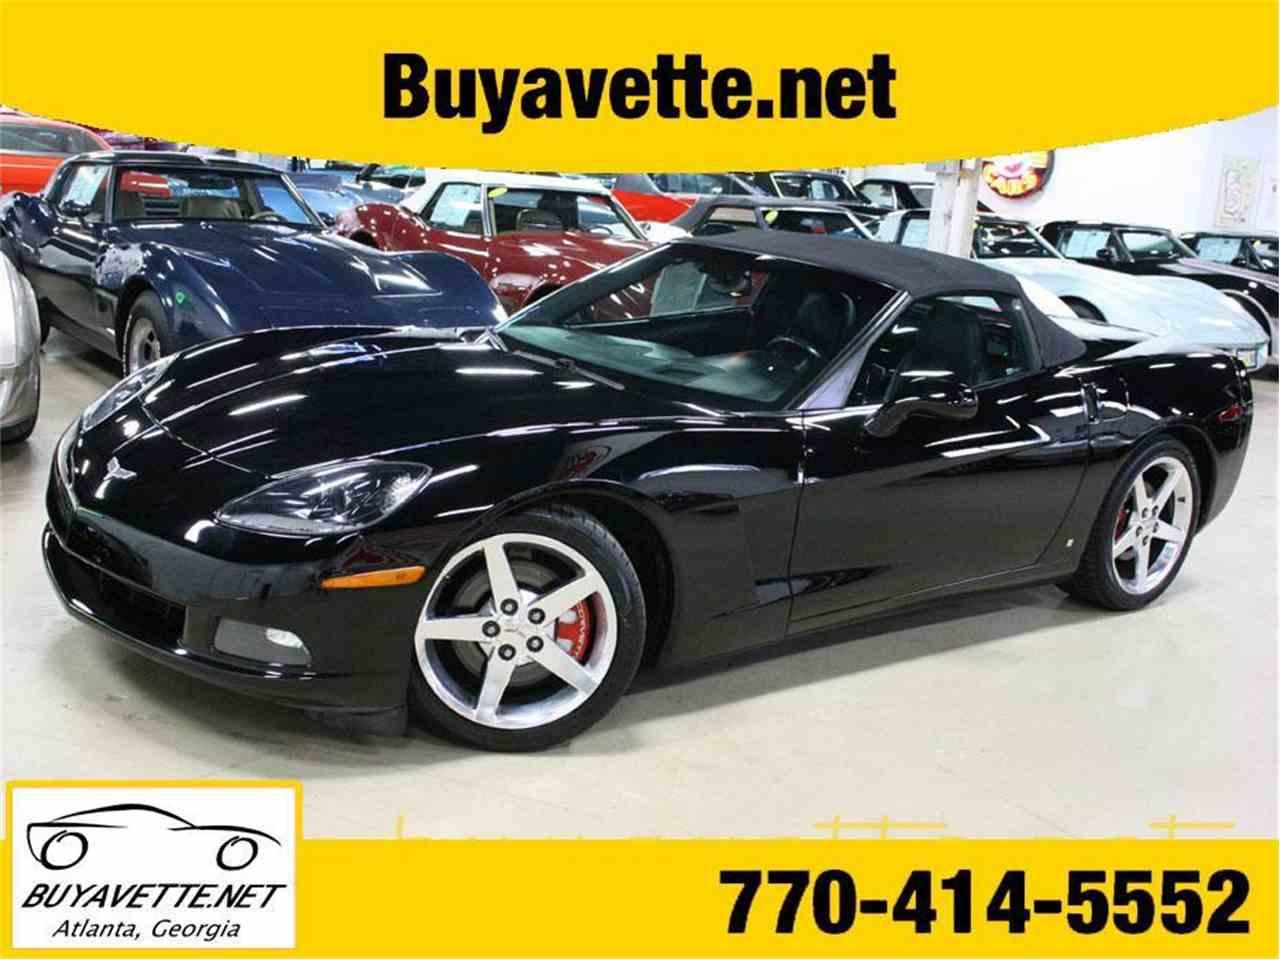 Large Picture of 2006 Chevrolet Corvette located in Georgia - $21,999.00 - M6BM